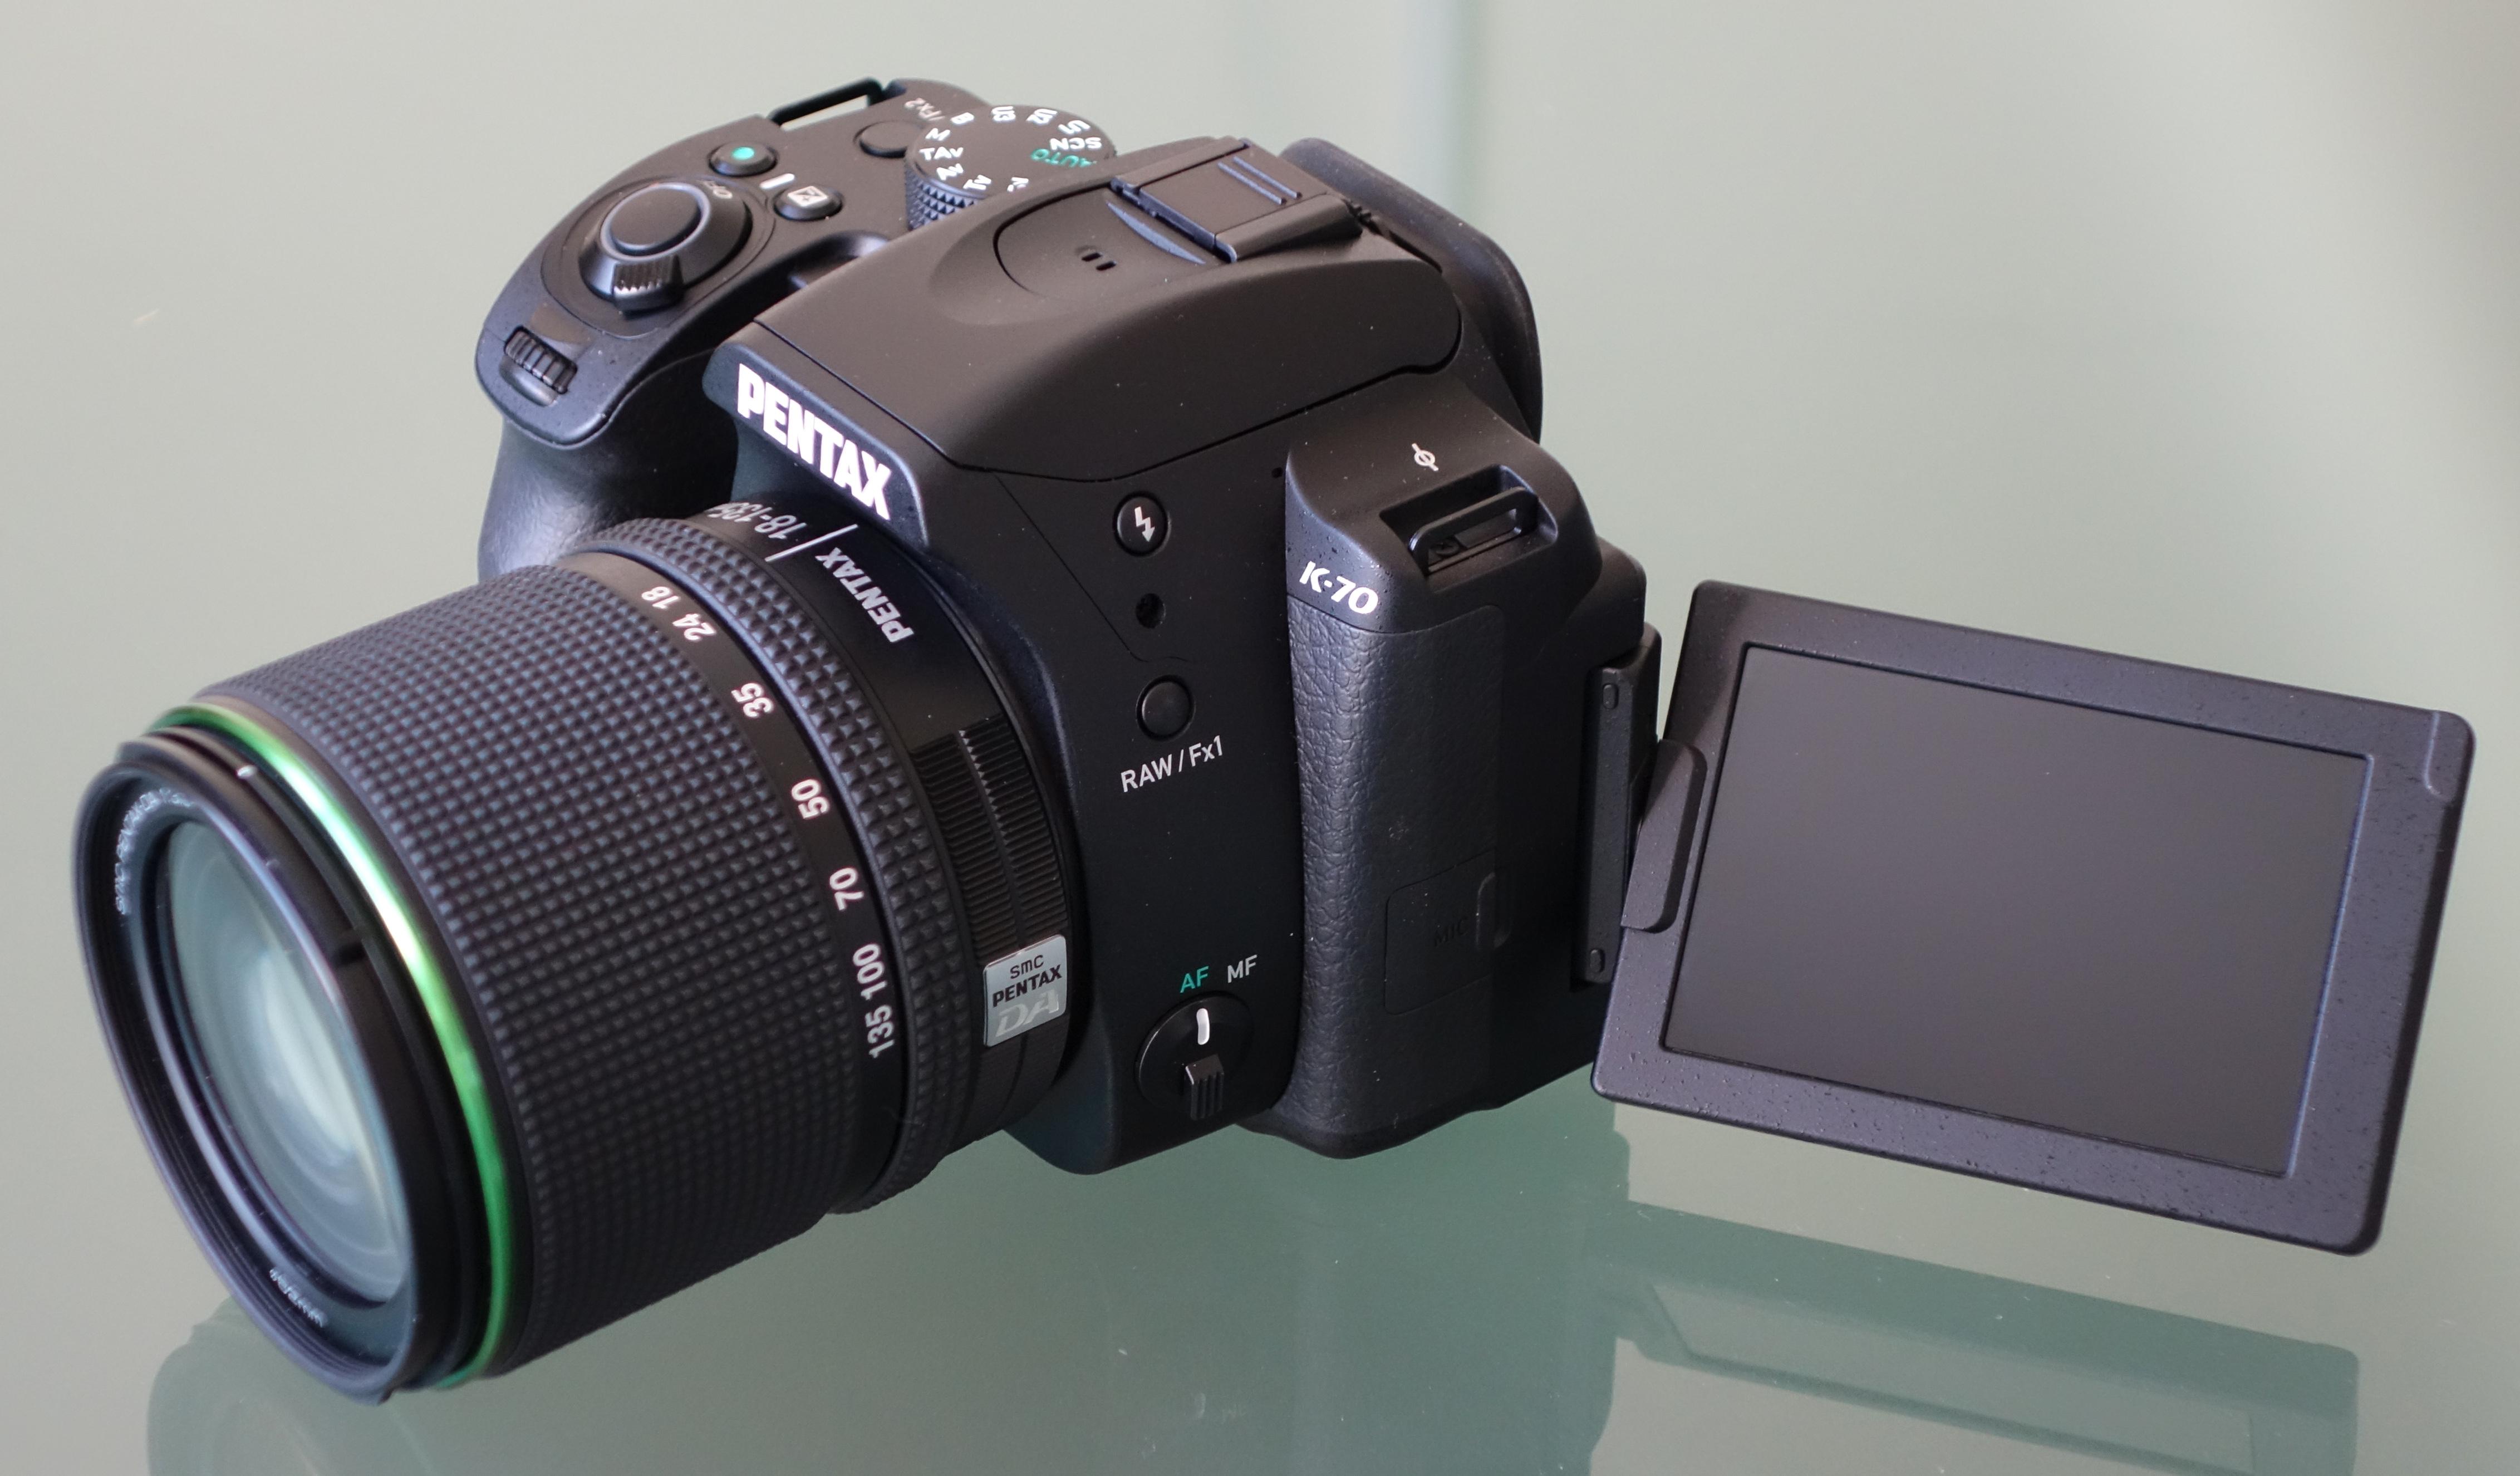 Nikon chính thức phát hành bản cập nhật firmware 2 01 cho máy ảnh